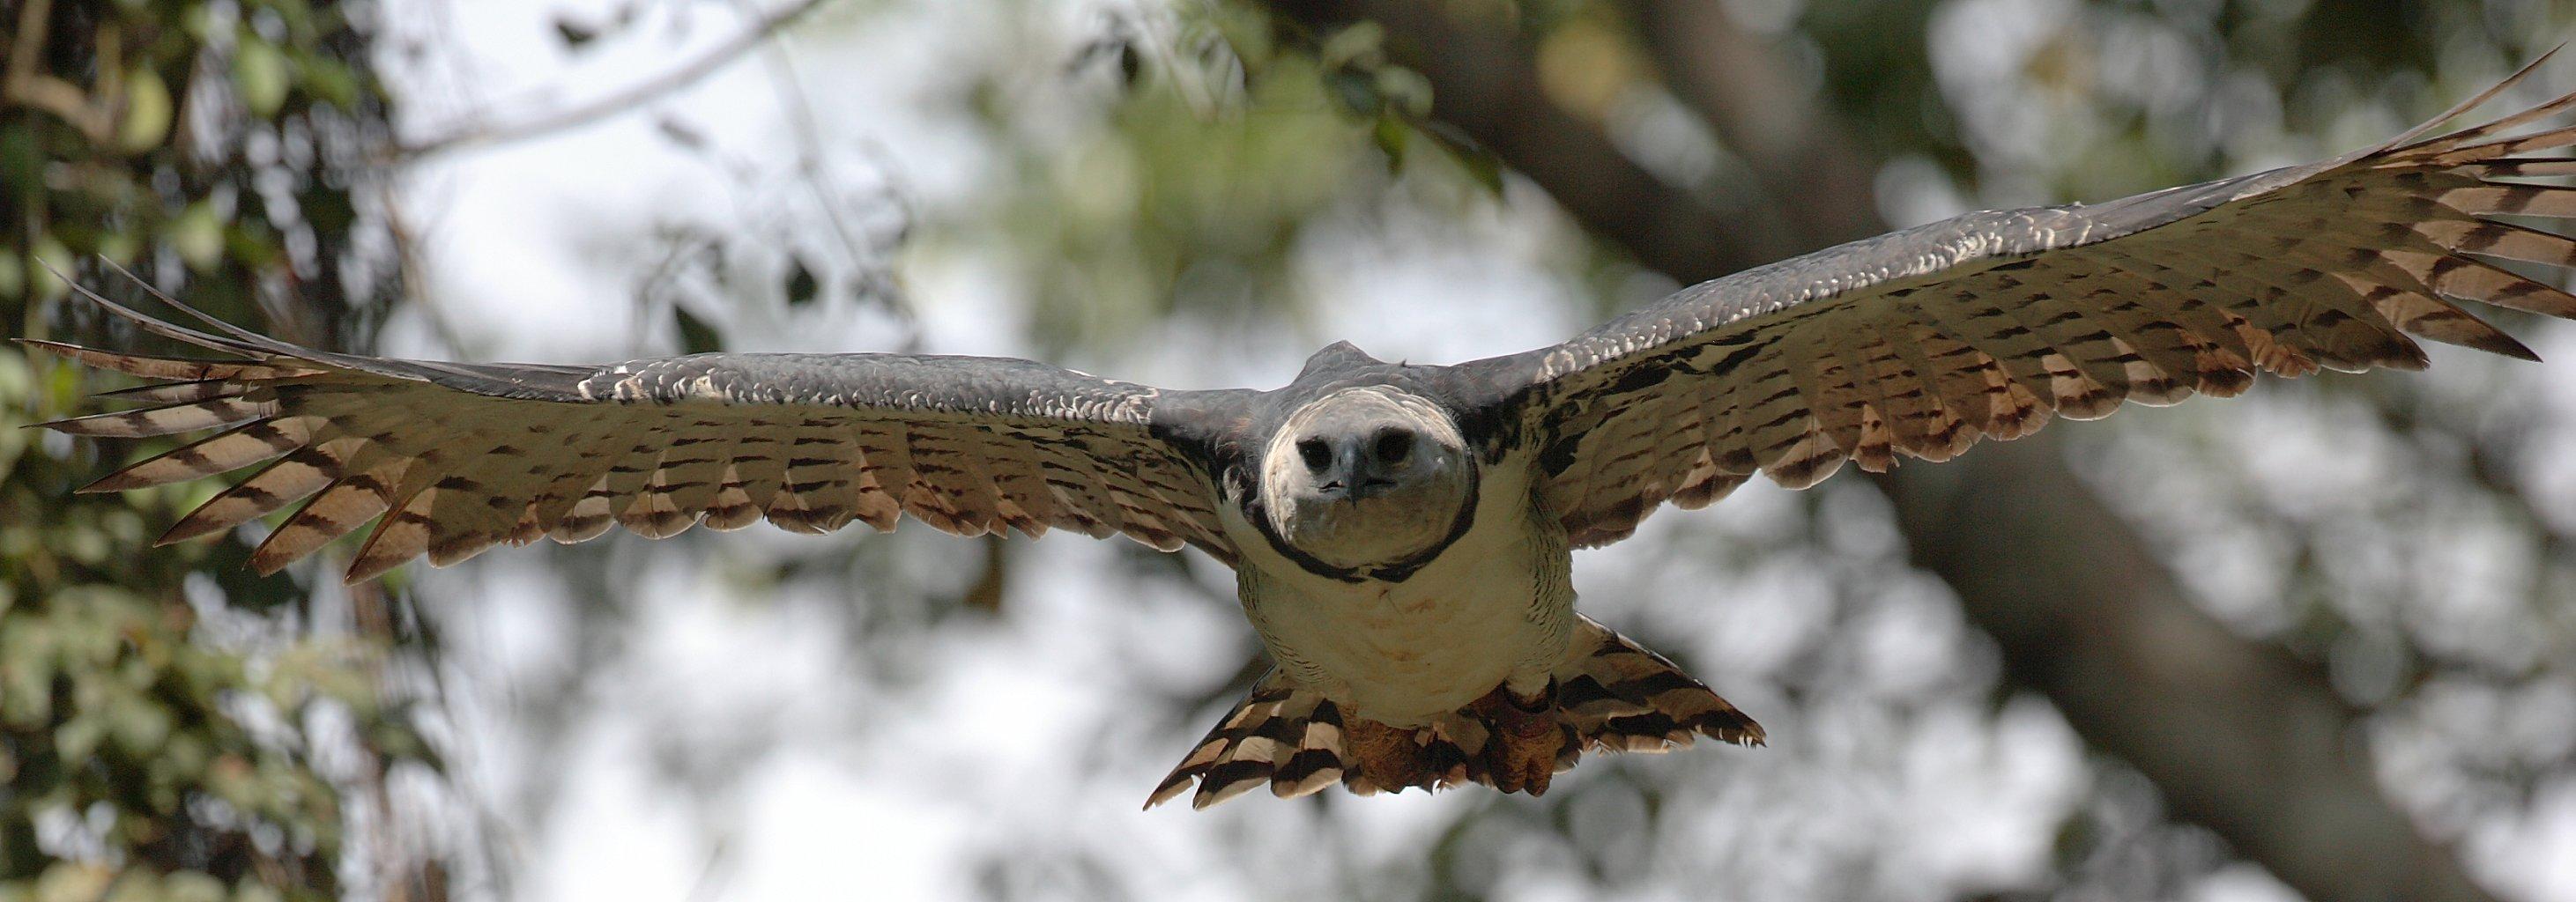 Harpy eagle hunting monkey - photo#22